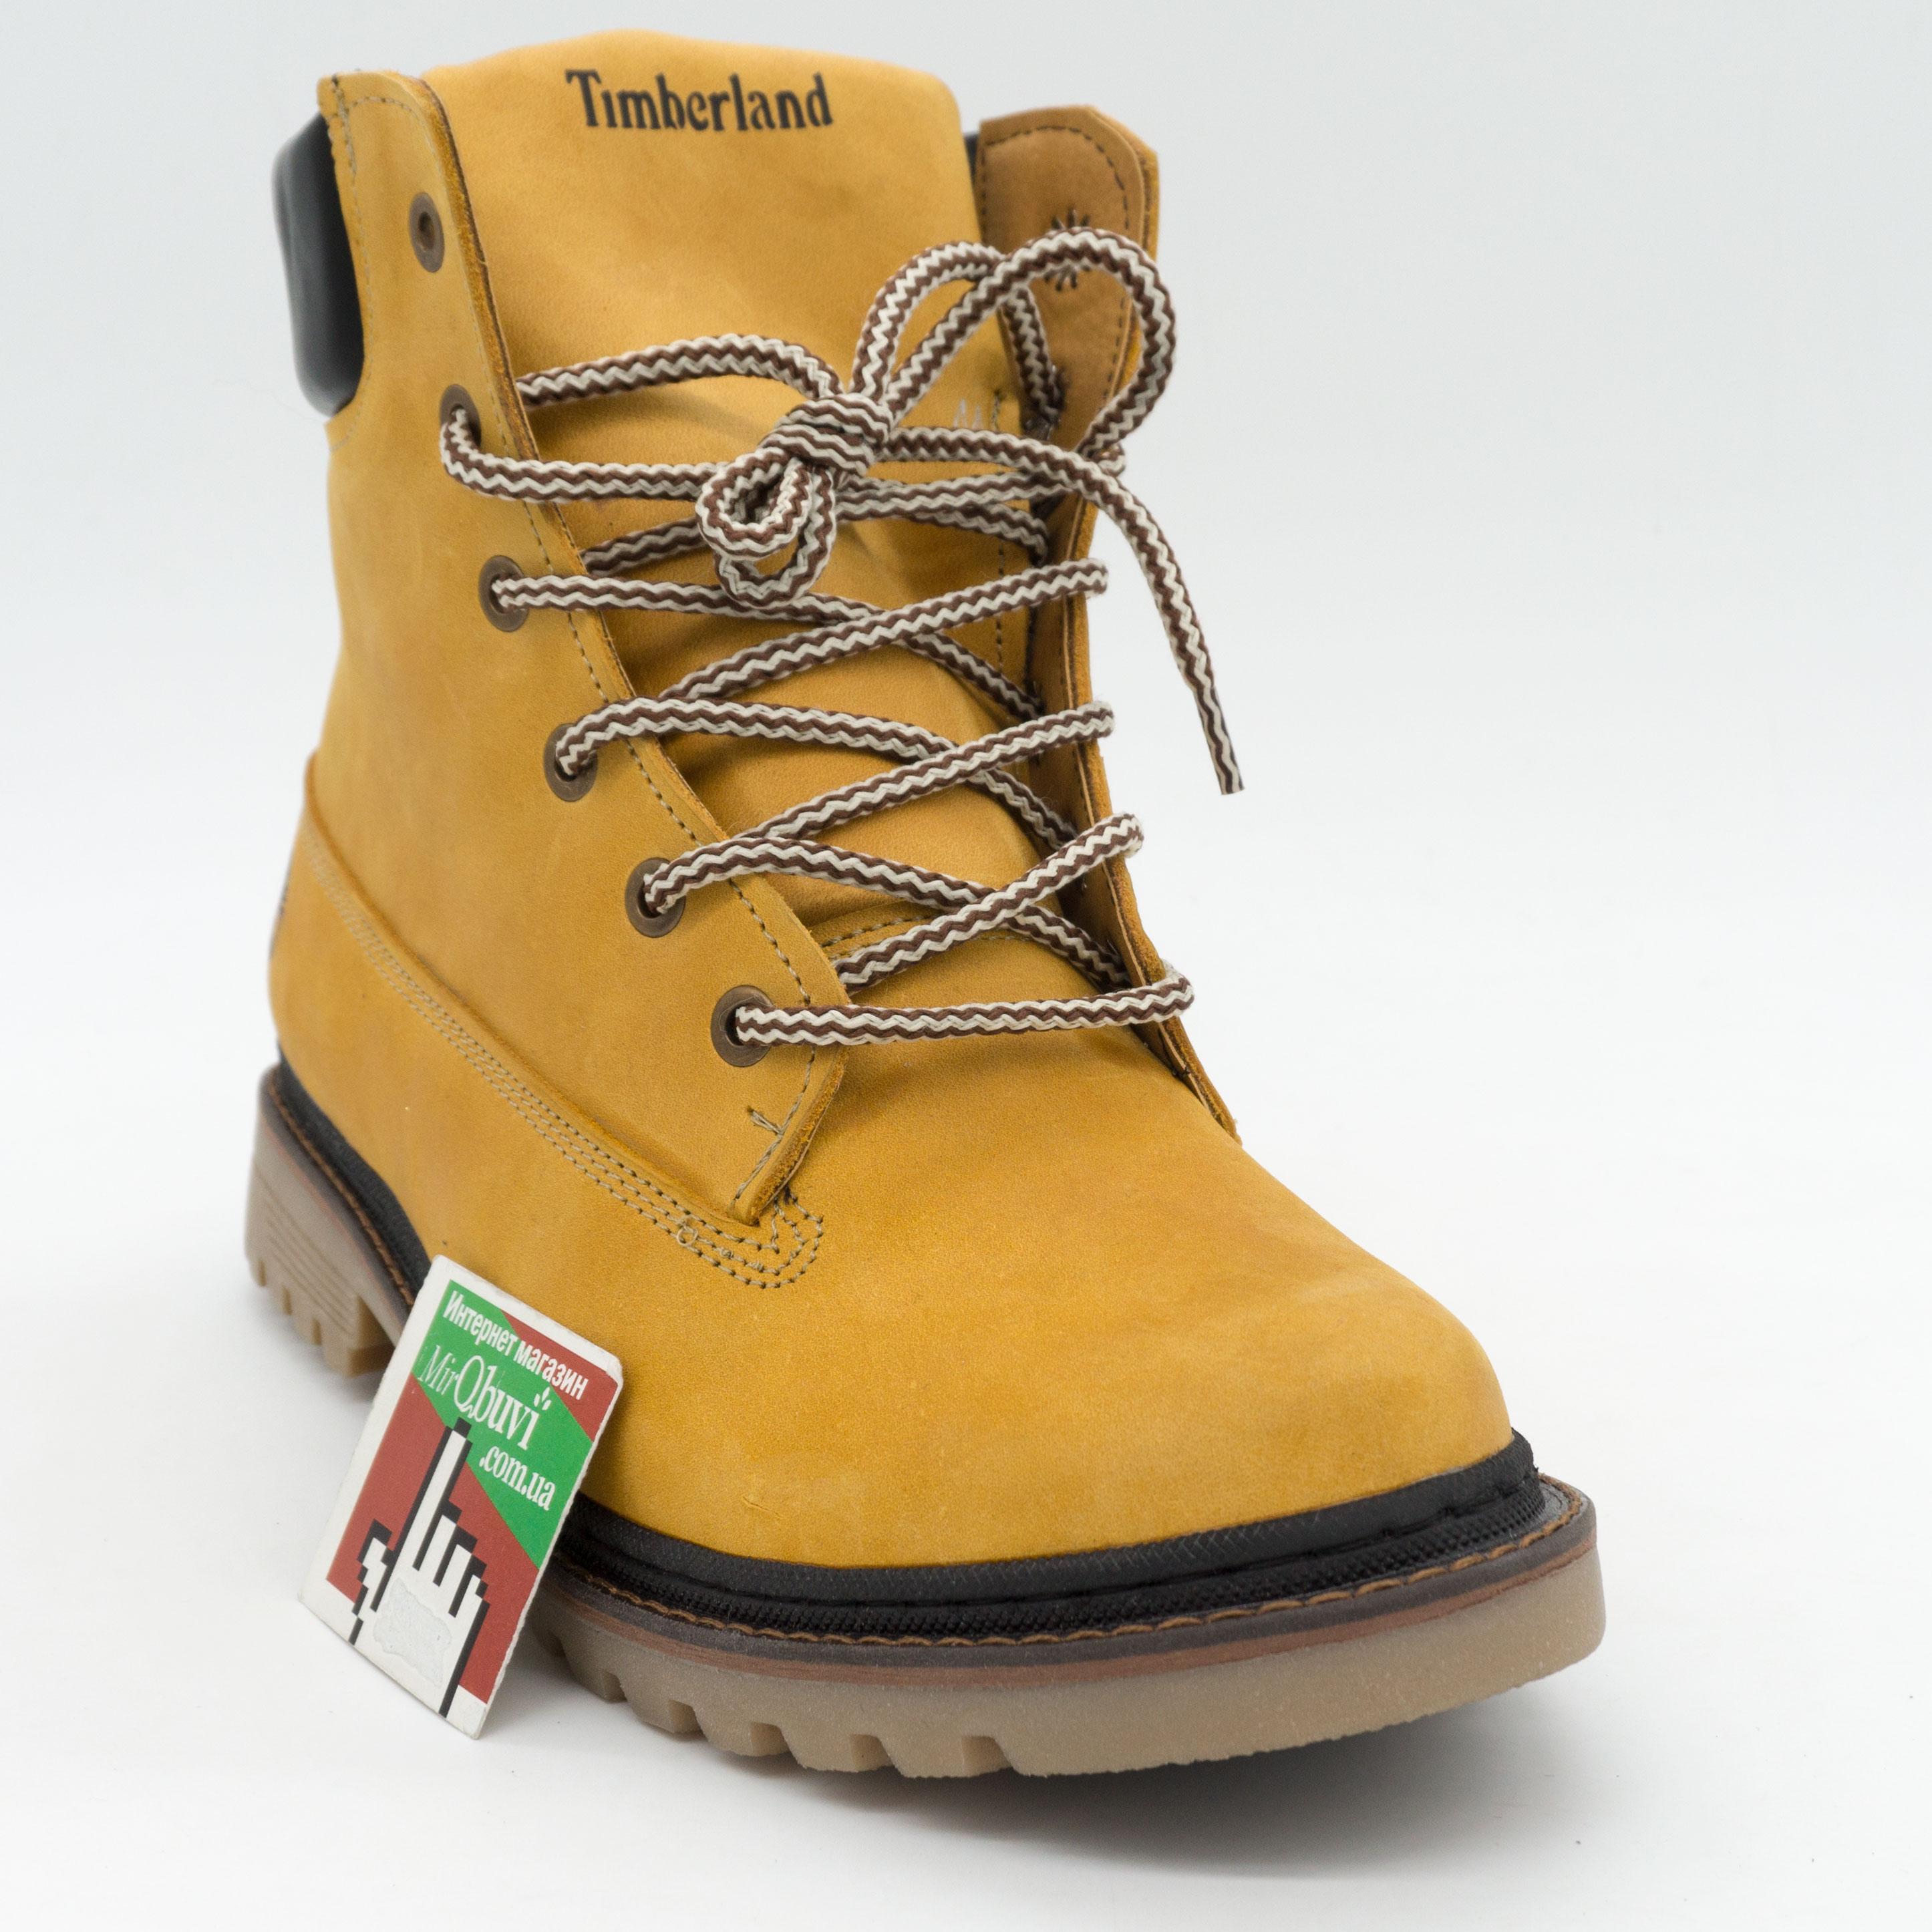 фото bottom Желтые мужские ботинки Реплика Timberland 103 (Тимберленд)  bottom